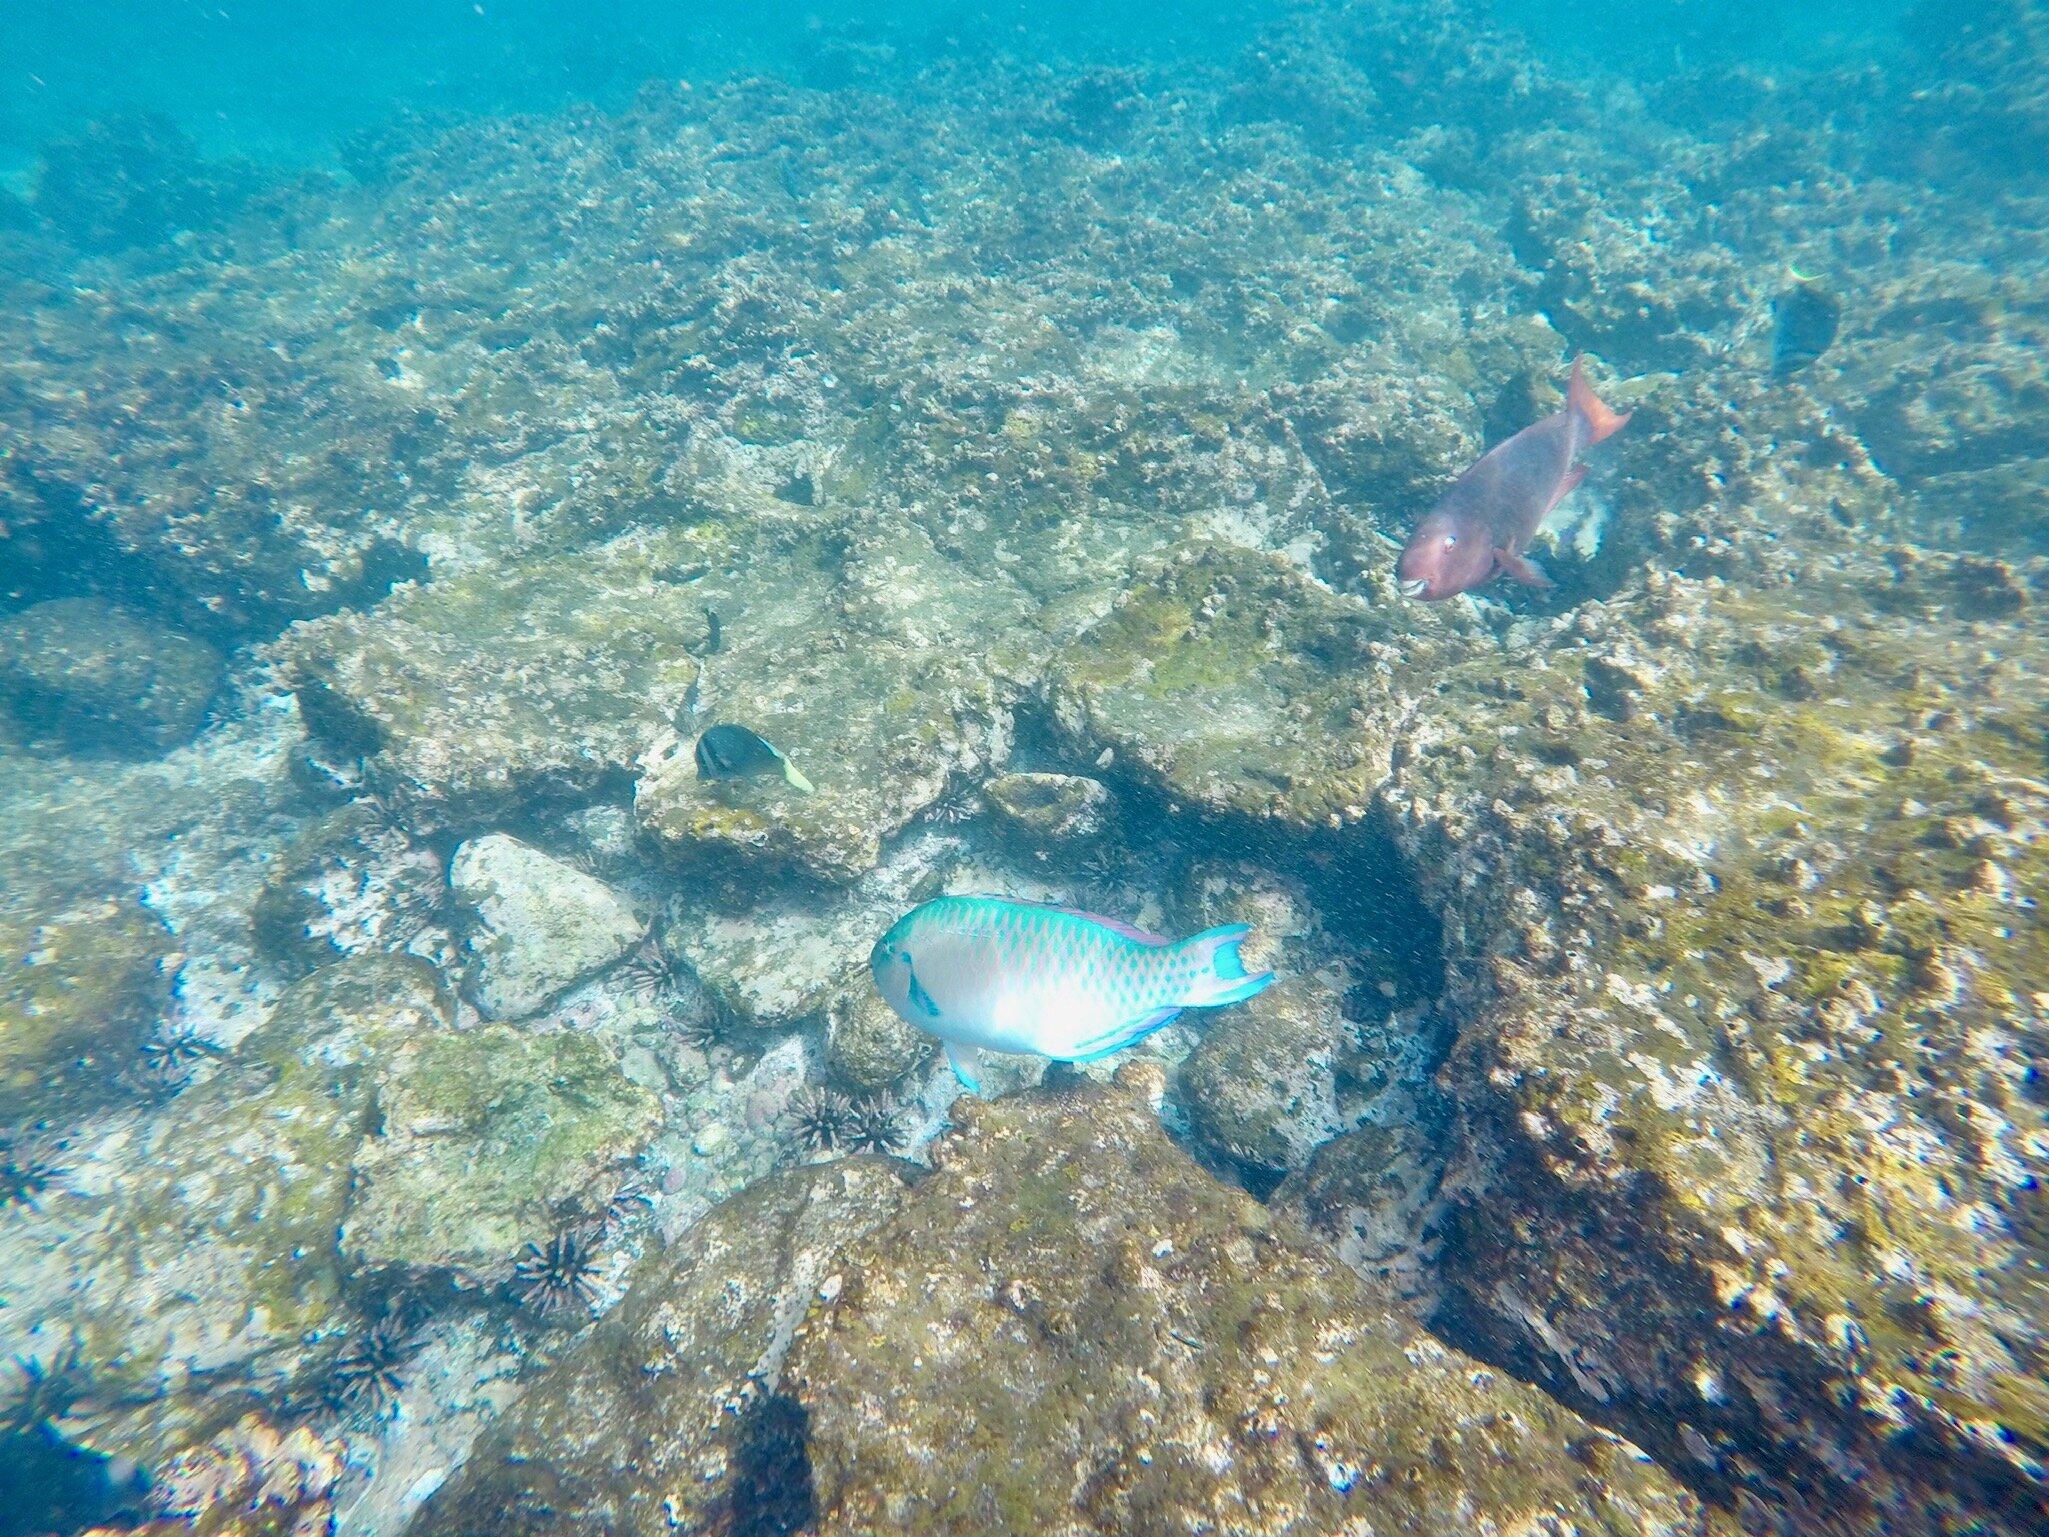 snorkeling-parrotfish-galapagos.jpeg